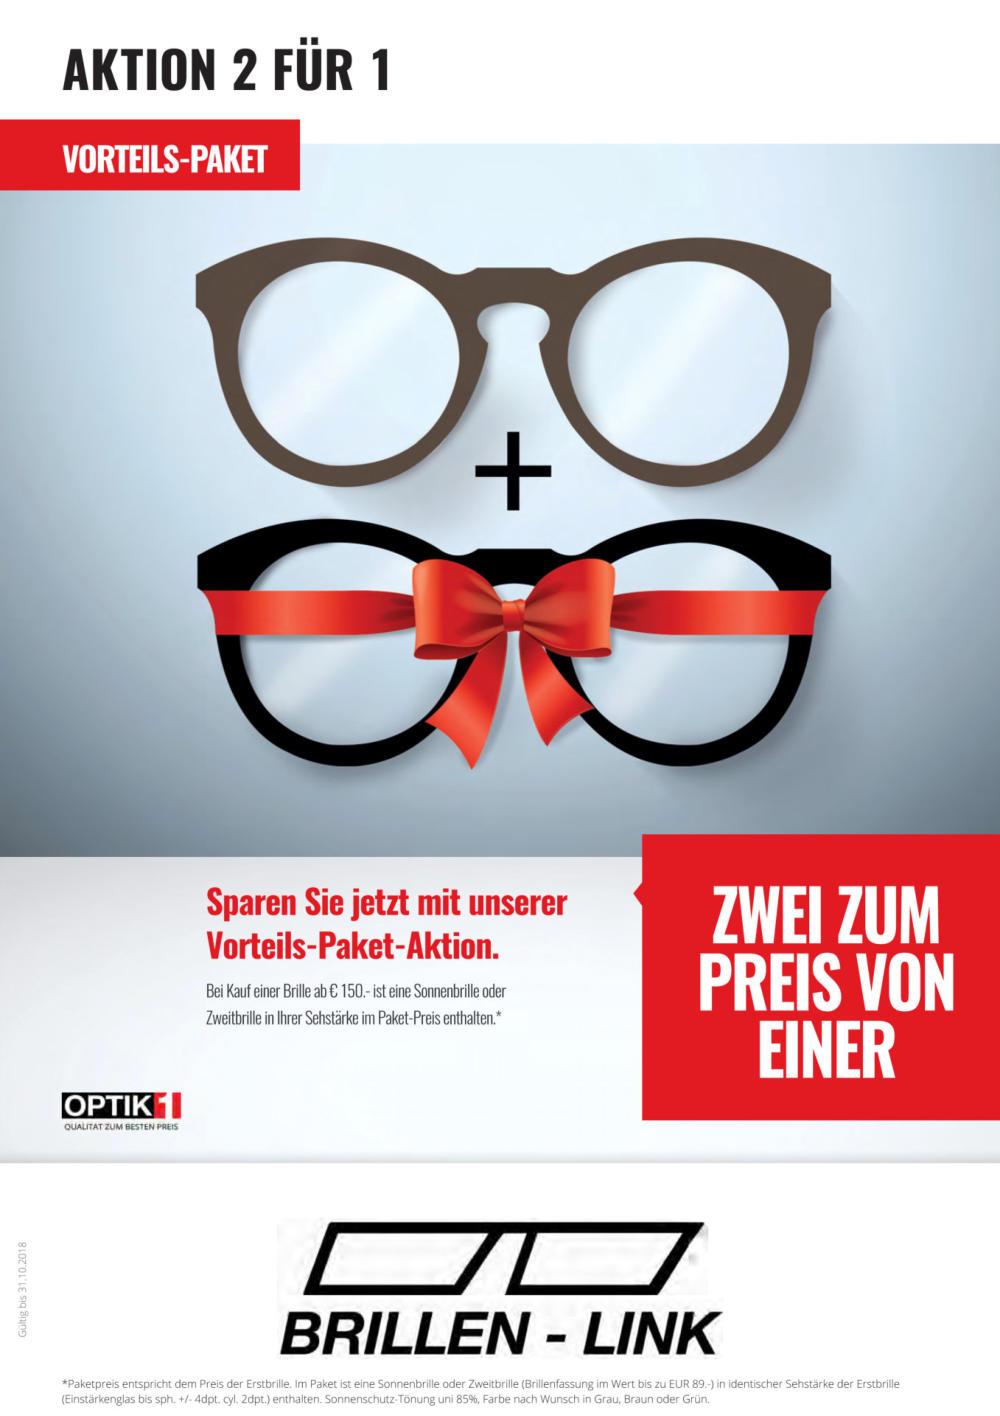 Brillen Link GmbH - Optik & Kontaktlinsen - Gerolstein/Eifel